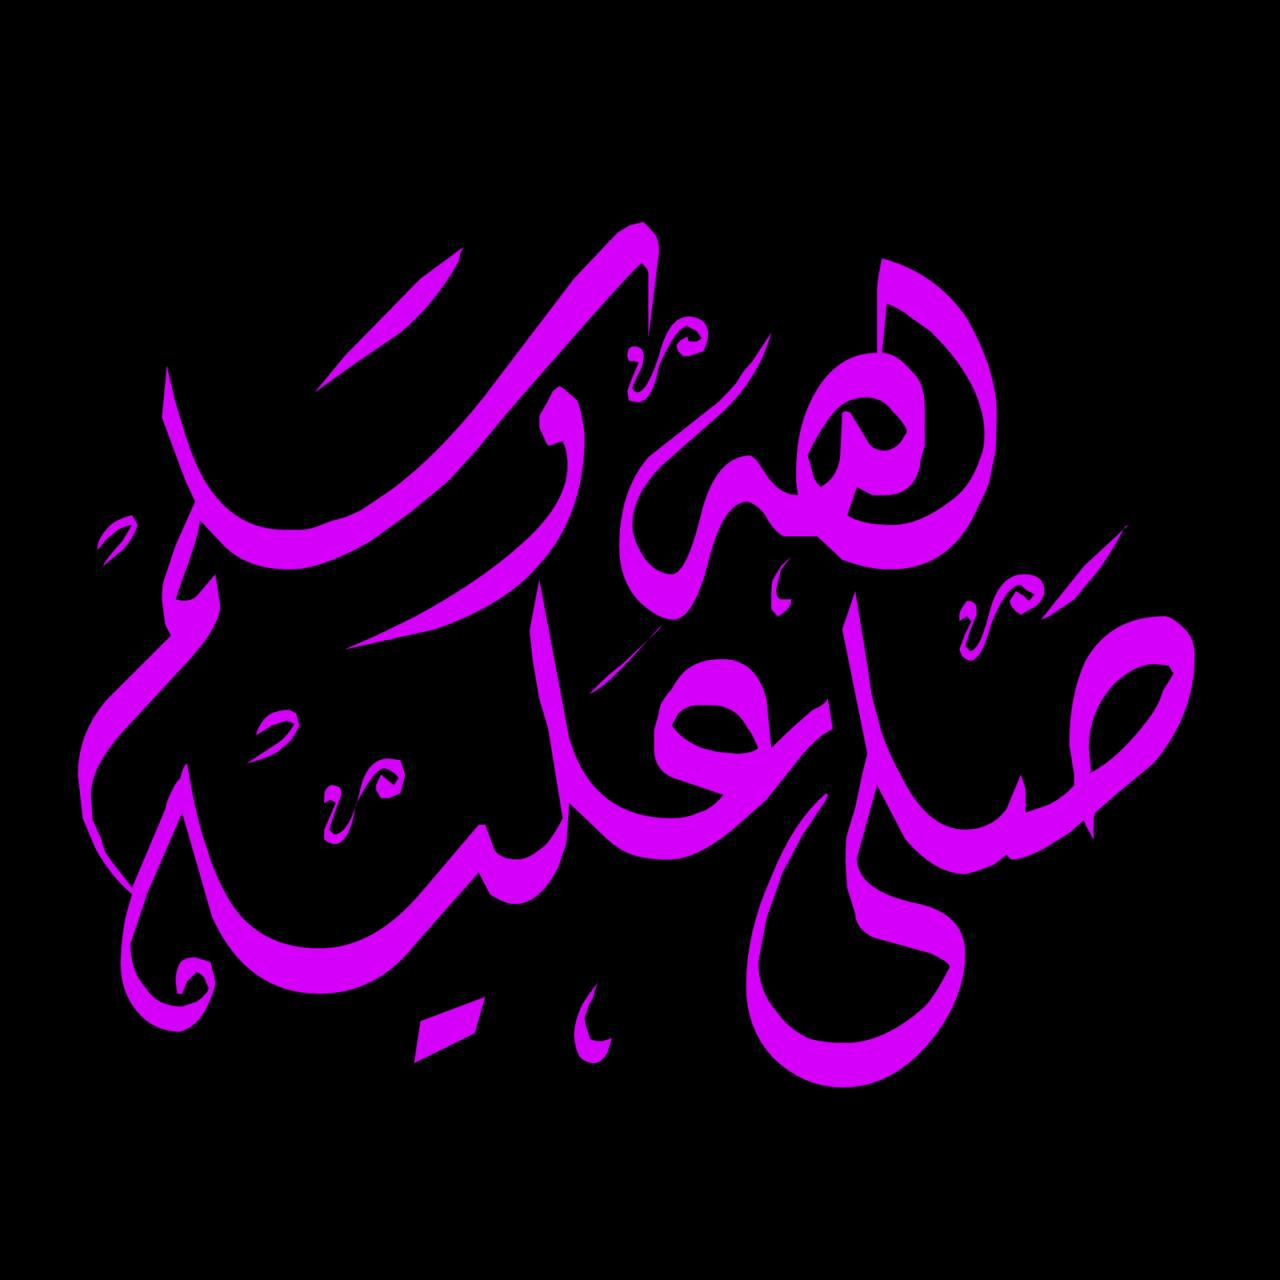 زخرفة كلمات التراث العربى 1